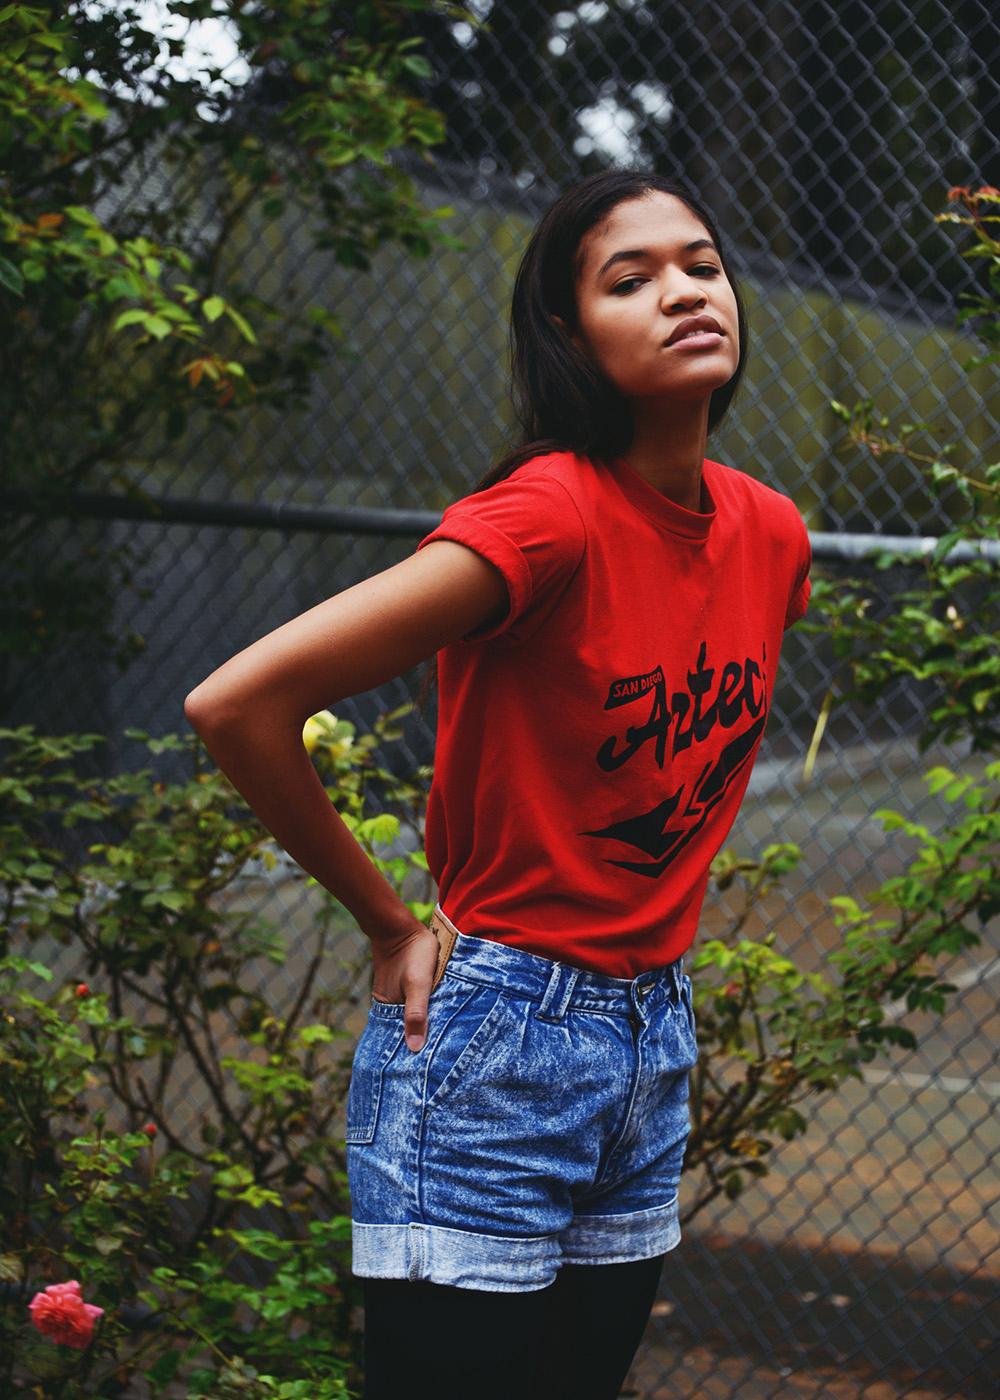 Meisha+6.jpg